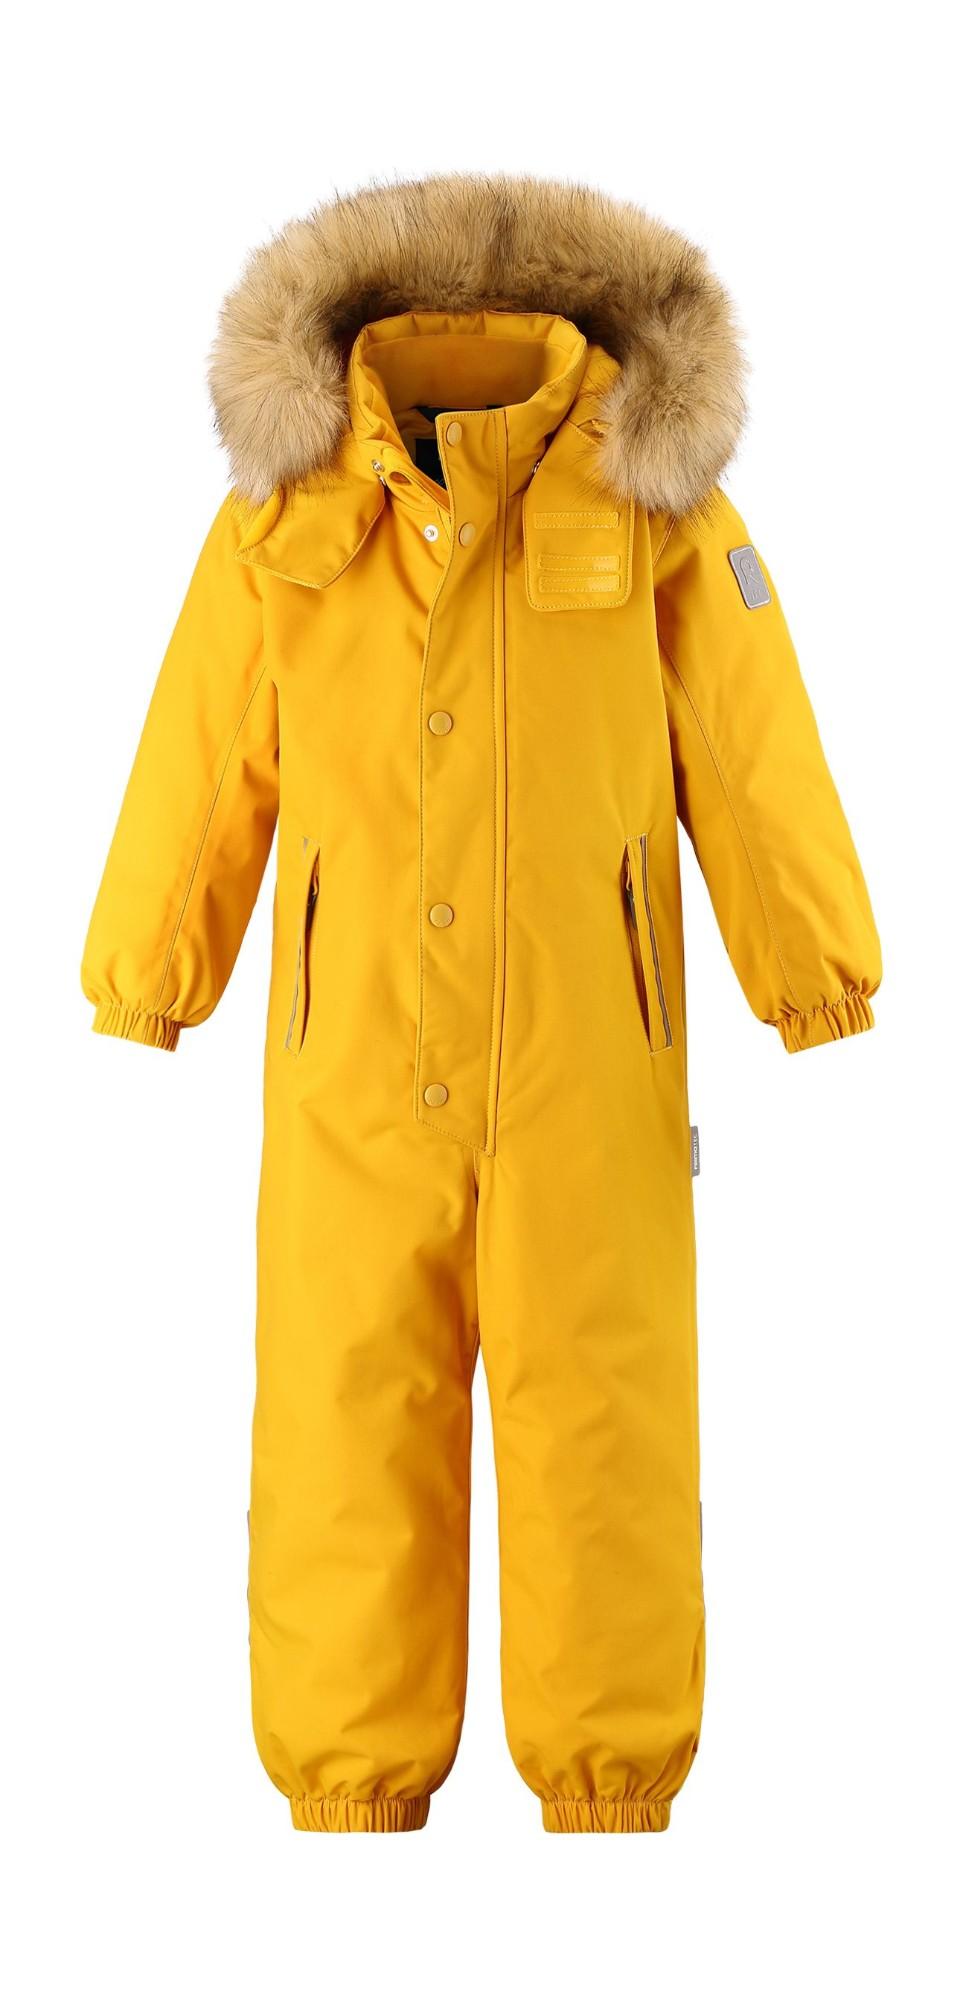 REIMA Stavanger 520265 Warm Yellow 110